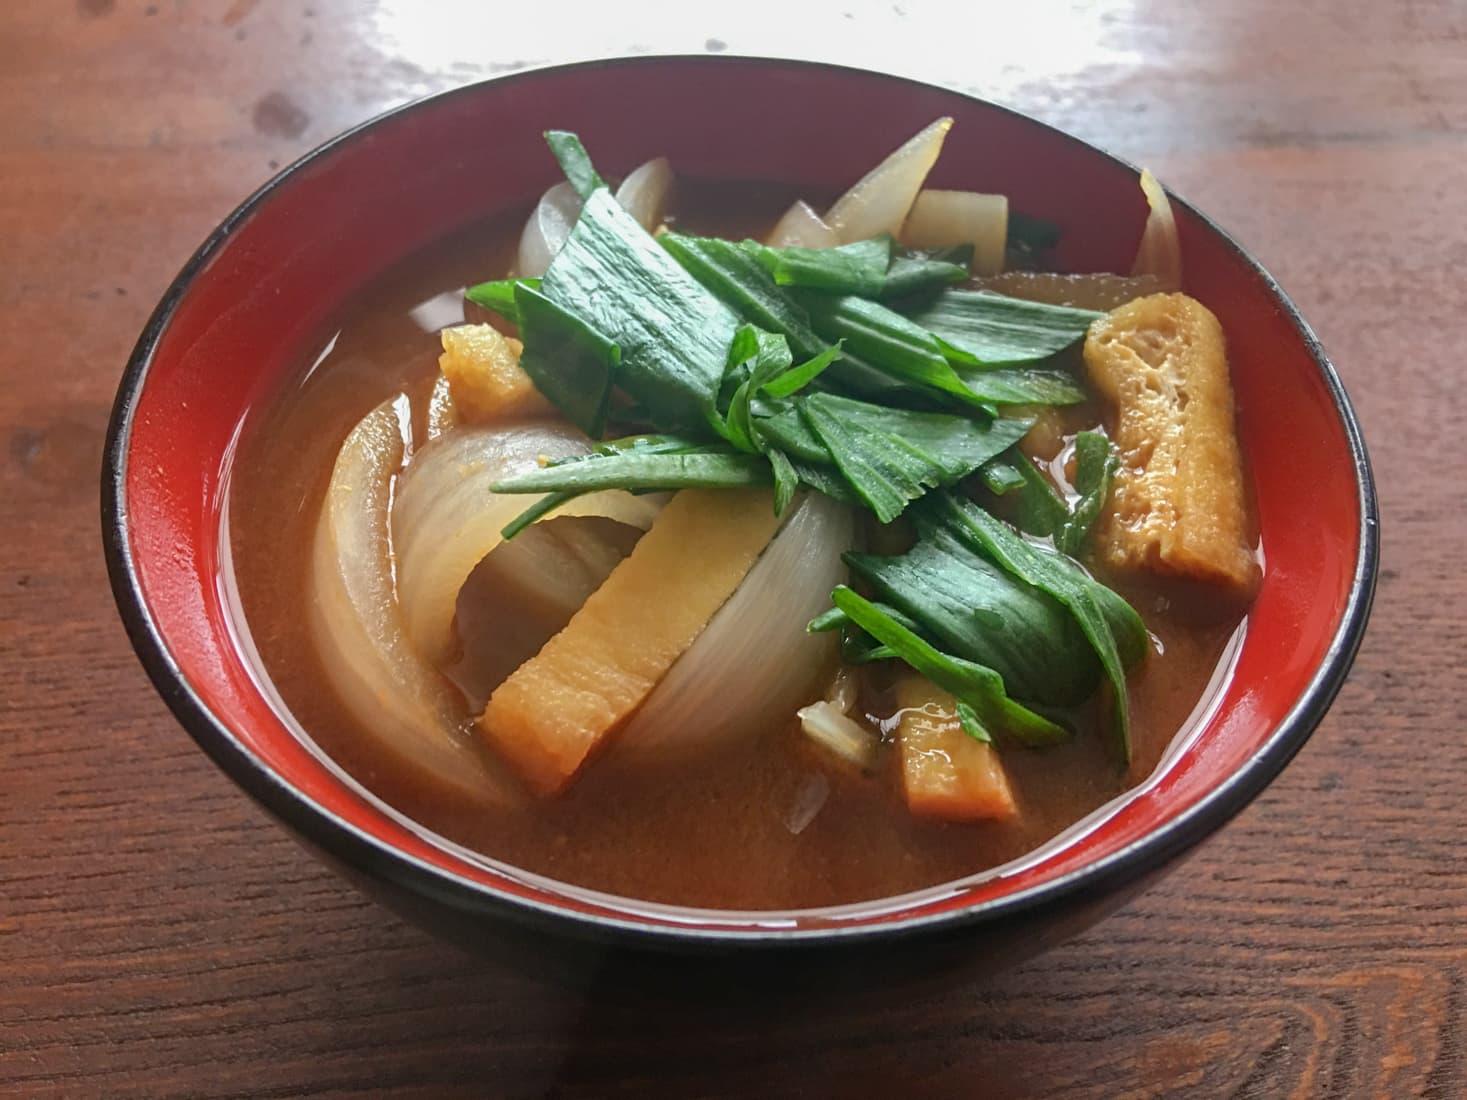 葉玉ねぎの味噌汁の写真